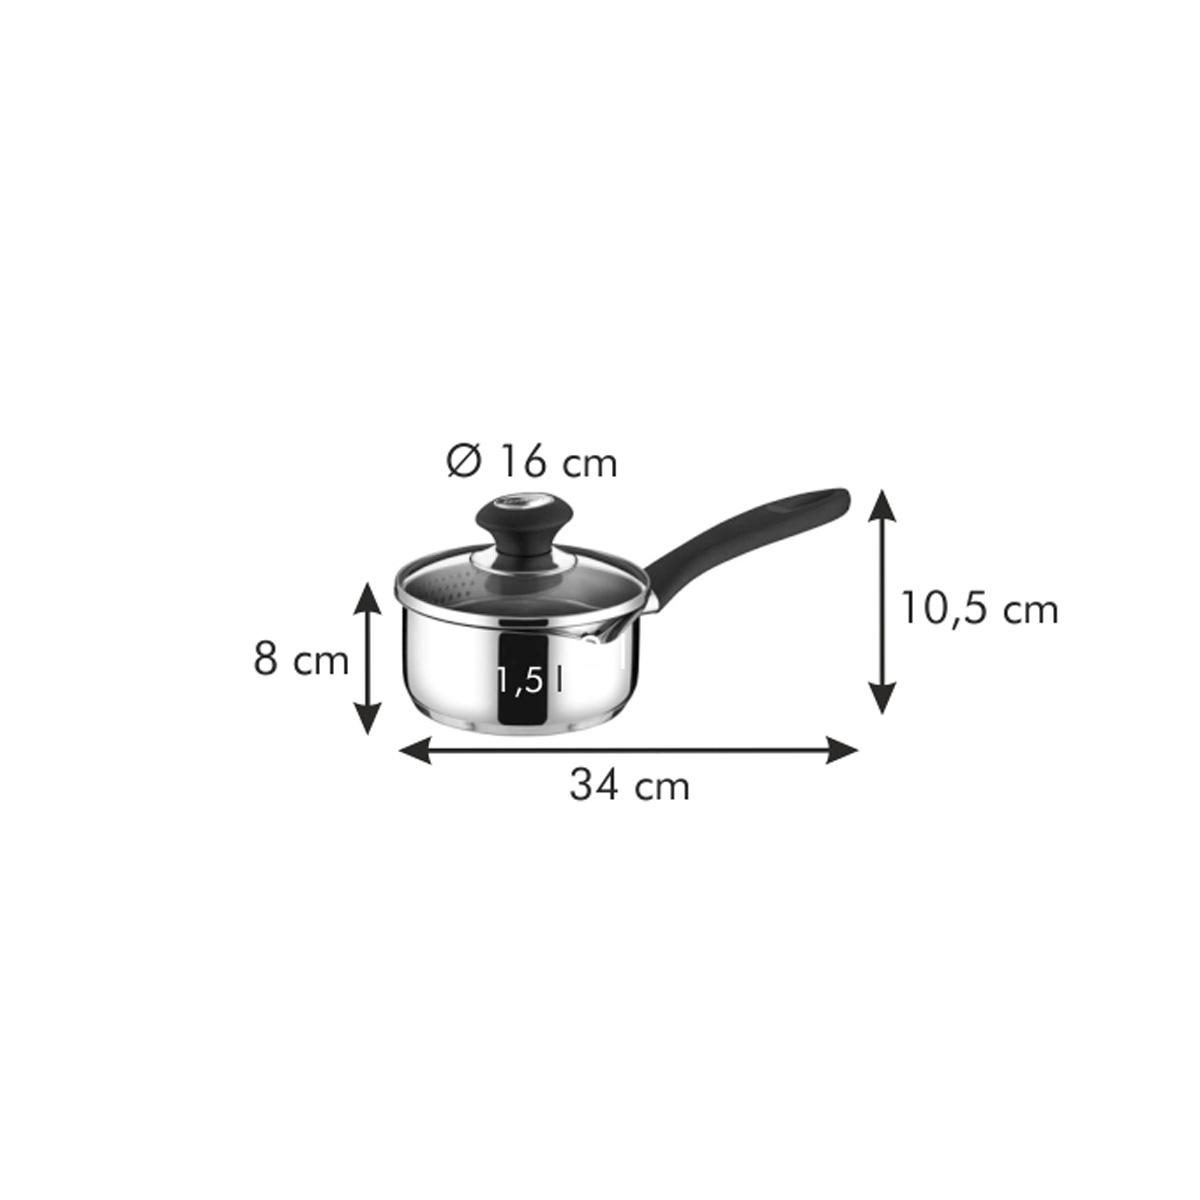 Rendlík PRESTO snálevkou a poklicí ø 16 cm, 1.25 l